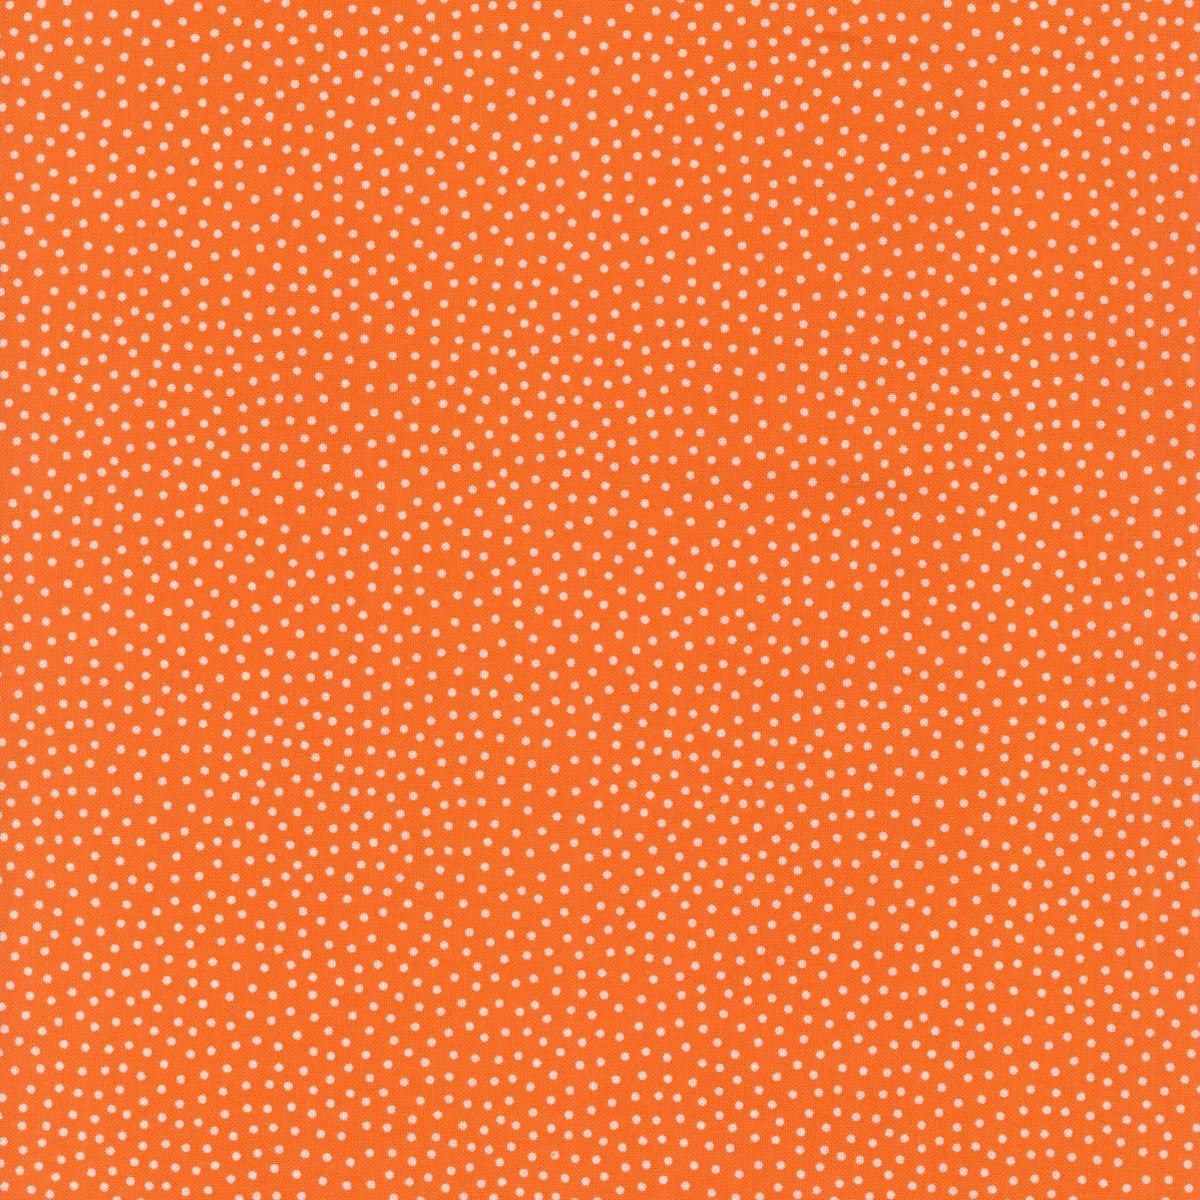 Andover Freckle Dot Orange